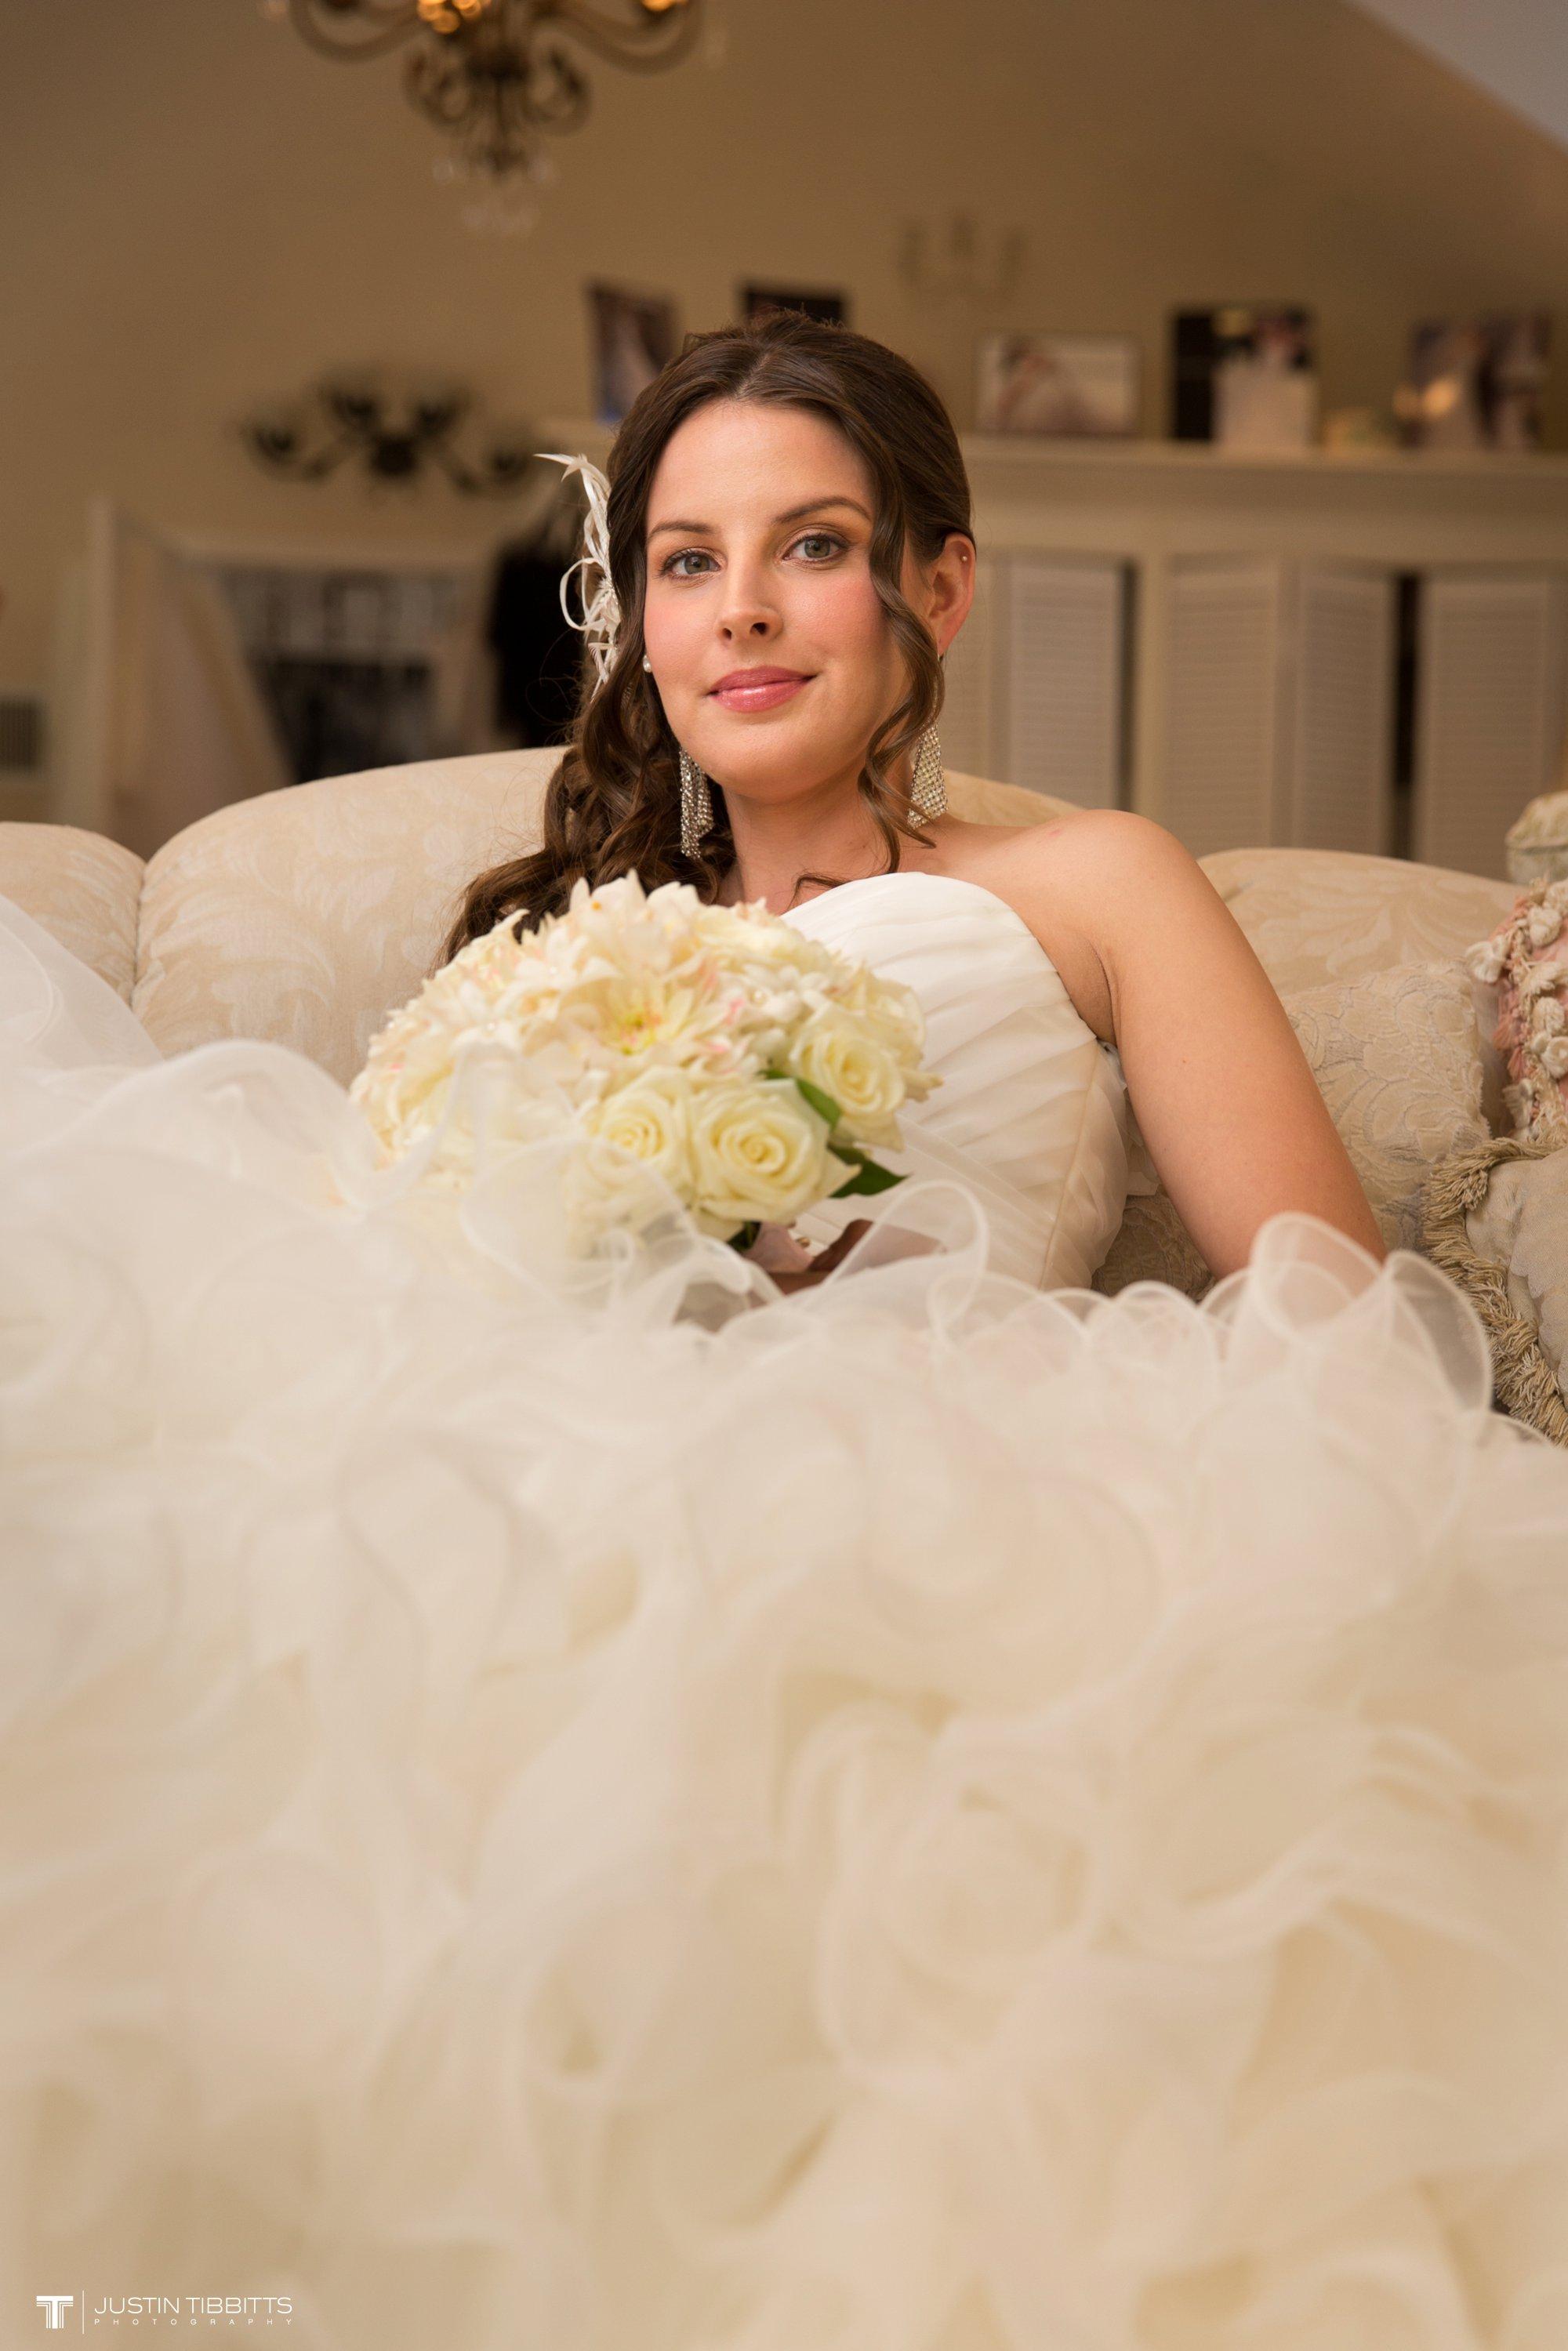 Albany NY Wedding Photographer Justin Tibbitts Photography Best of Albany NY Weddings 201473